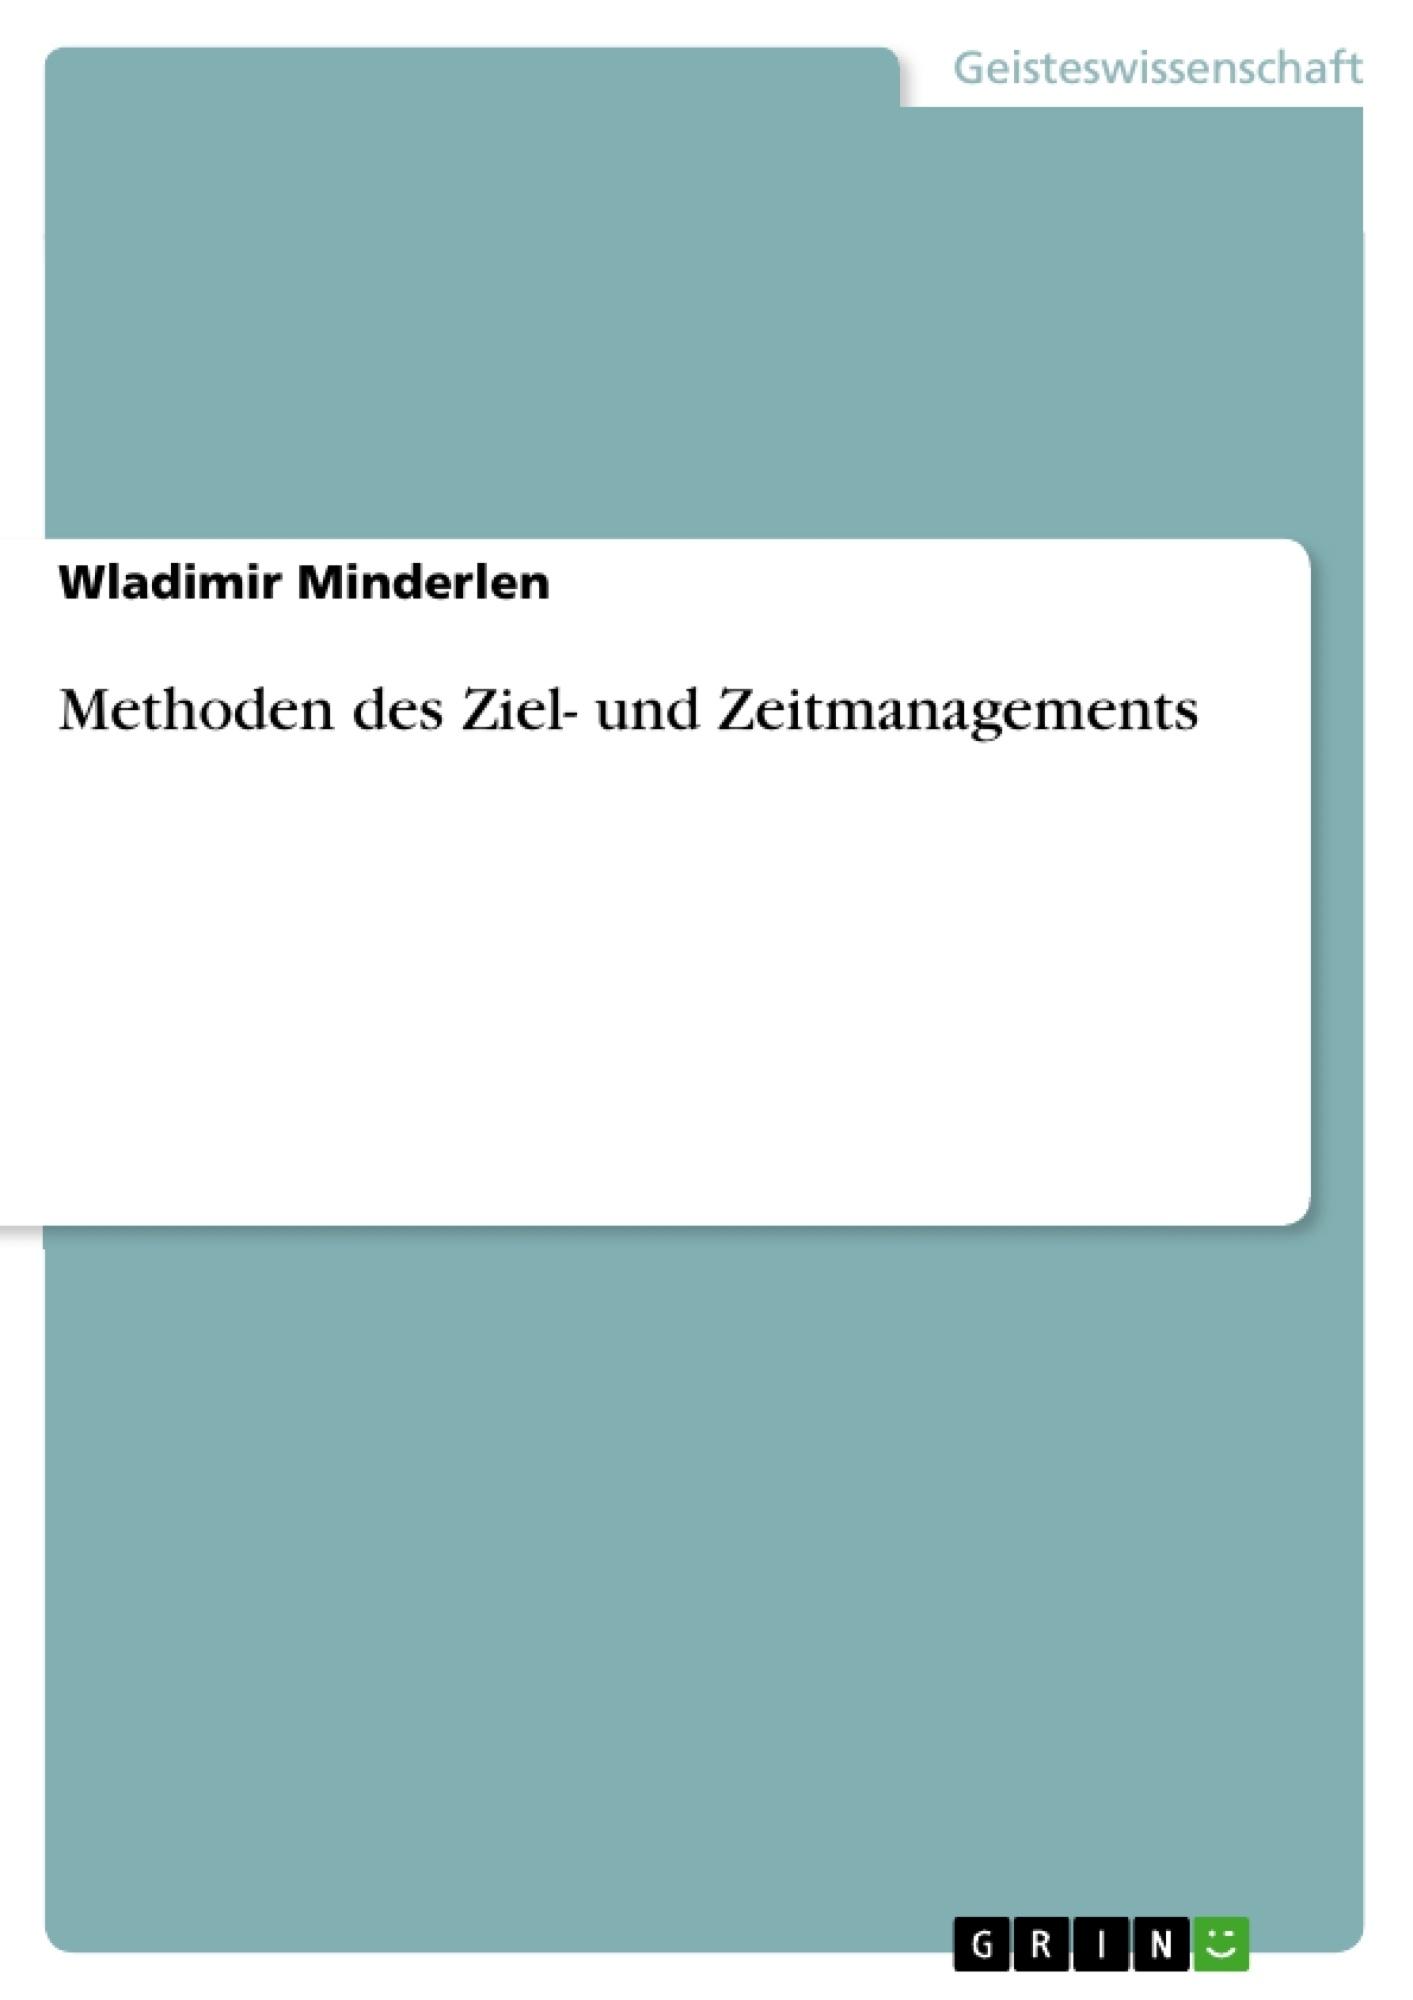 Titel: Methoden des Ziel- und Zeitmanagements